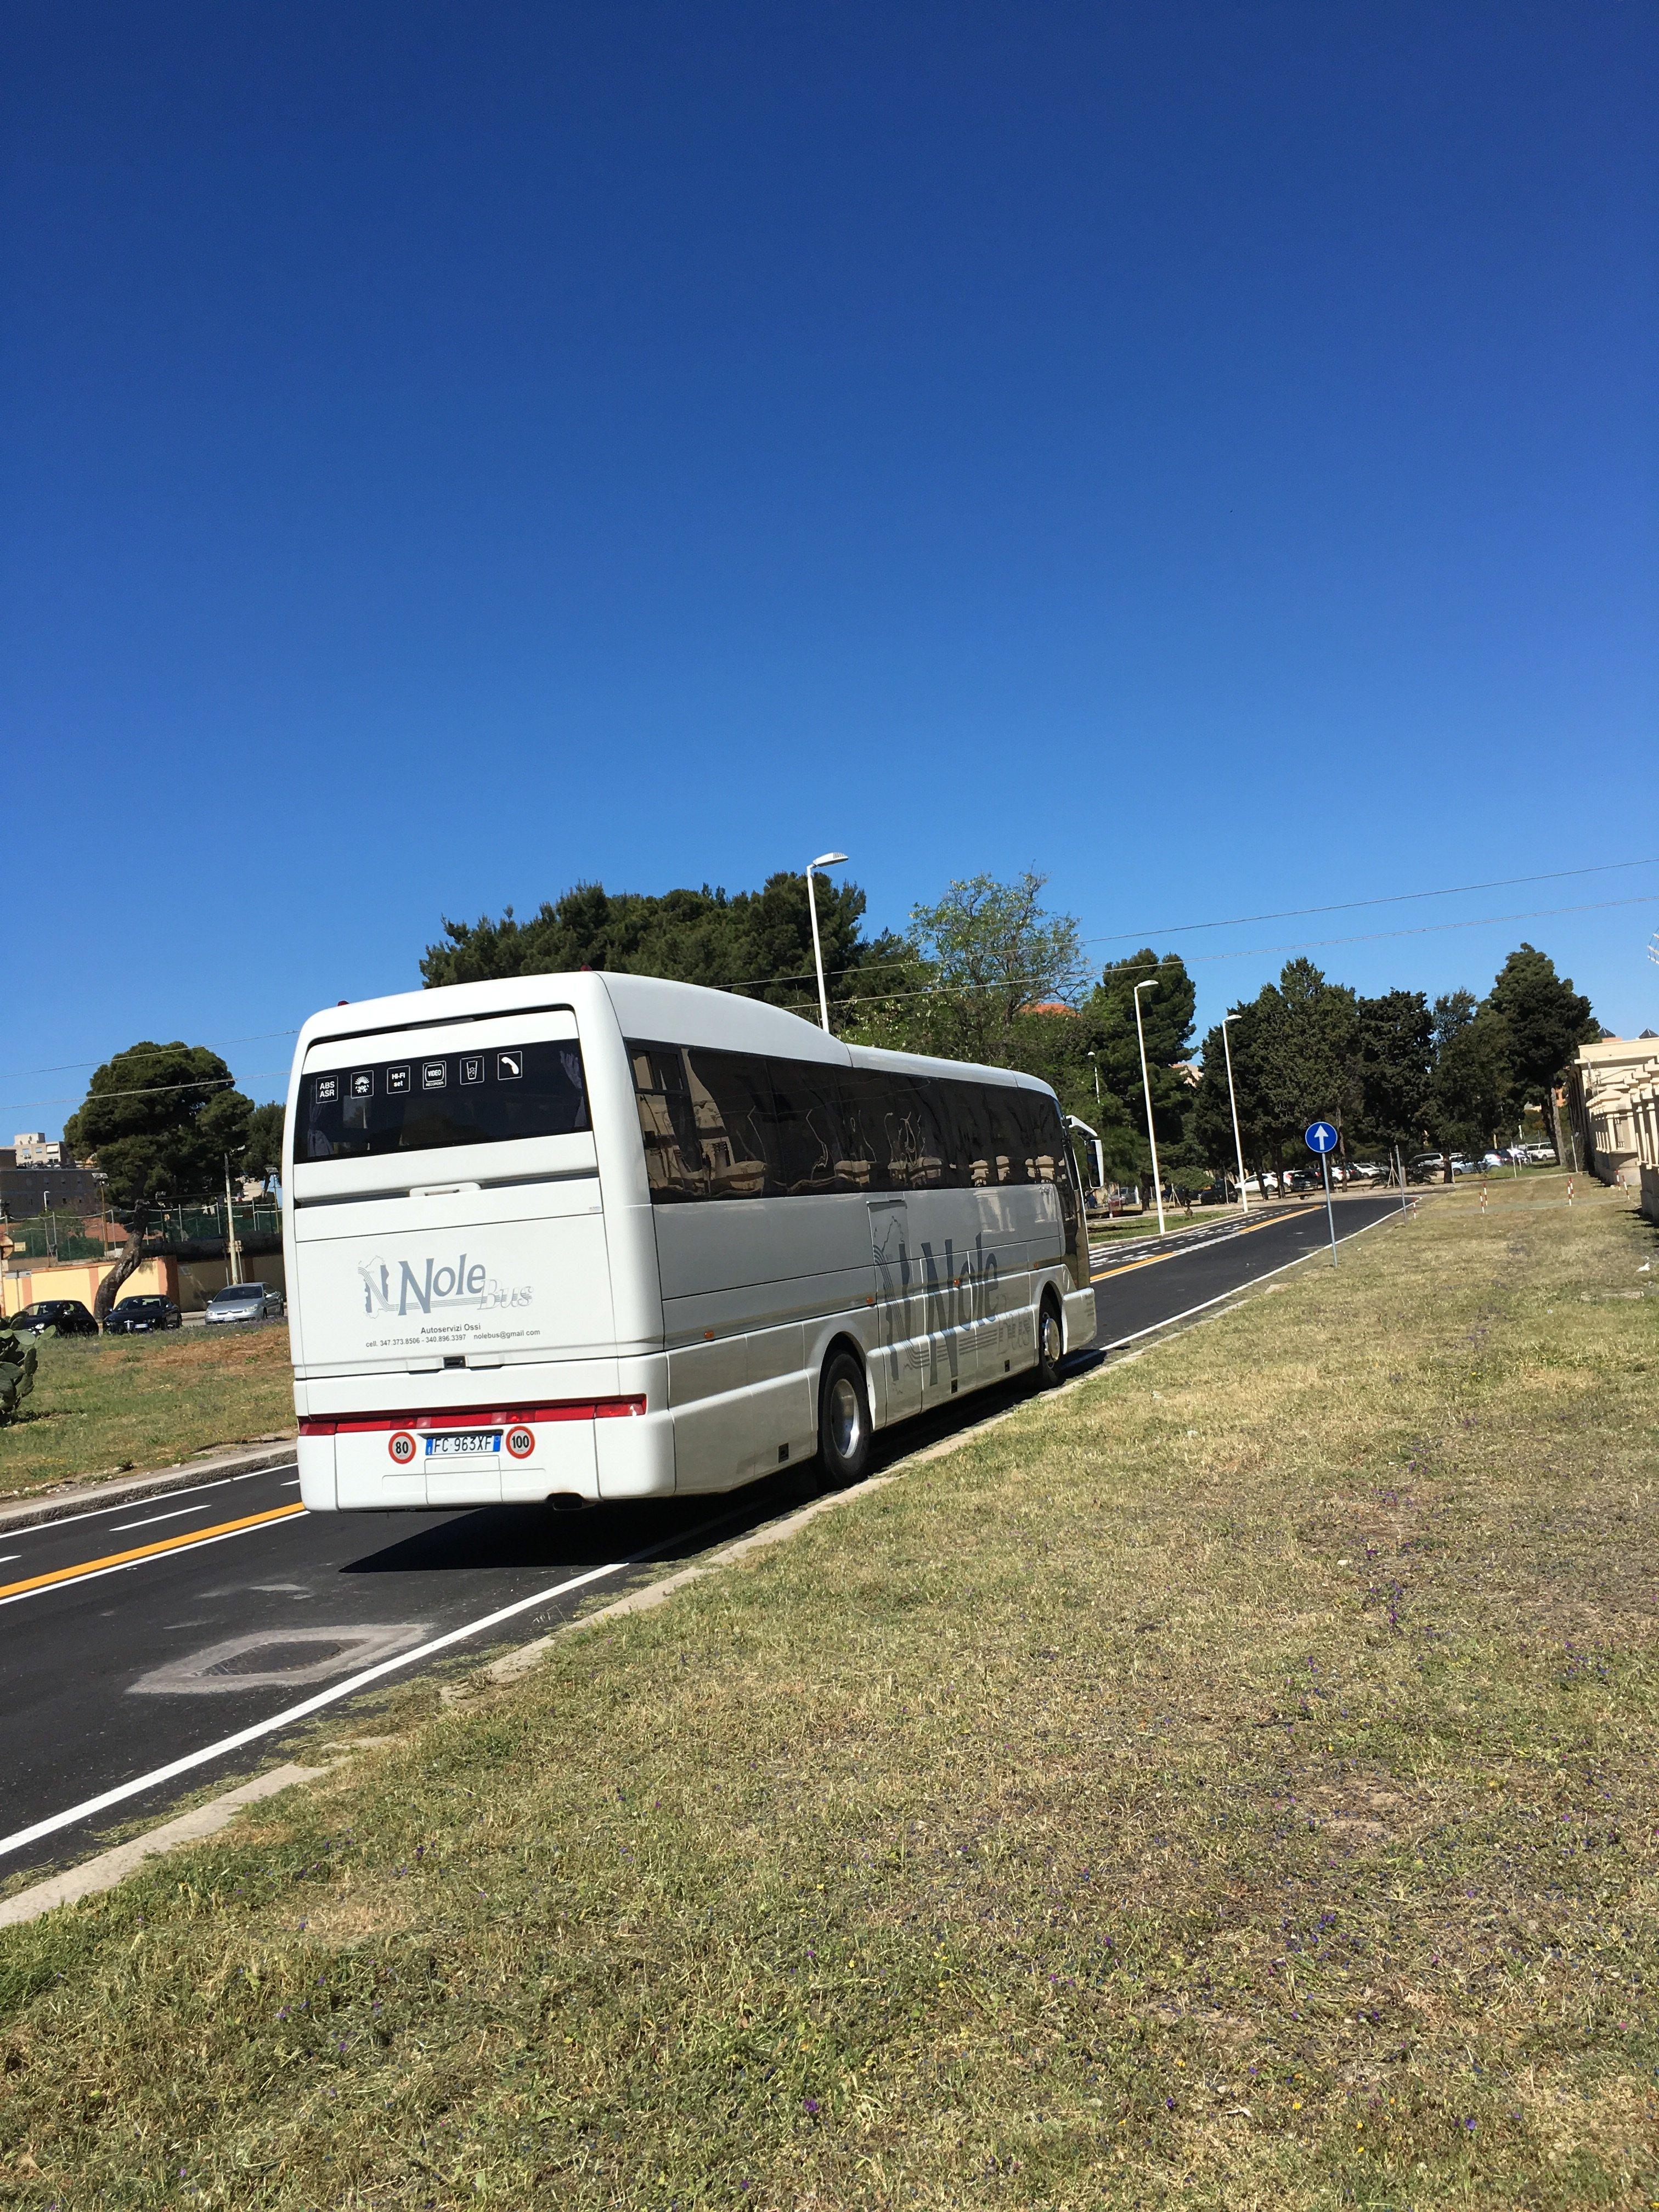 autobus che cammina